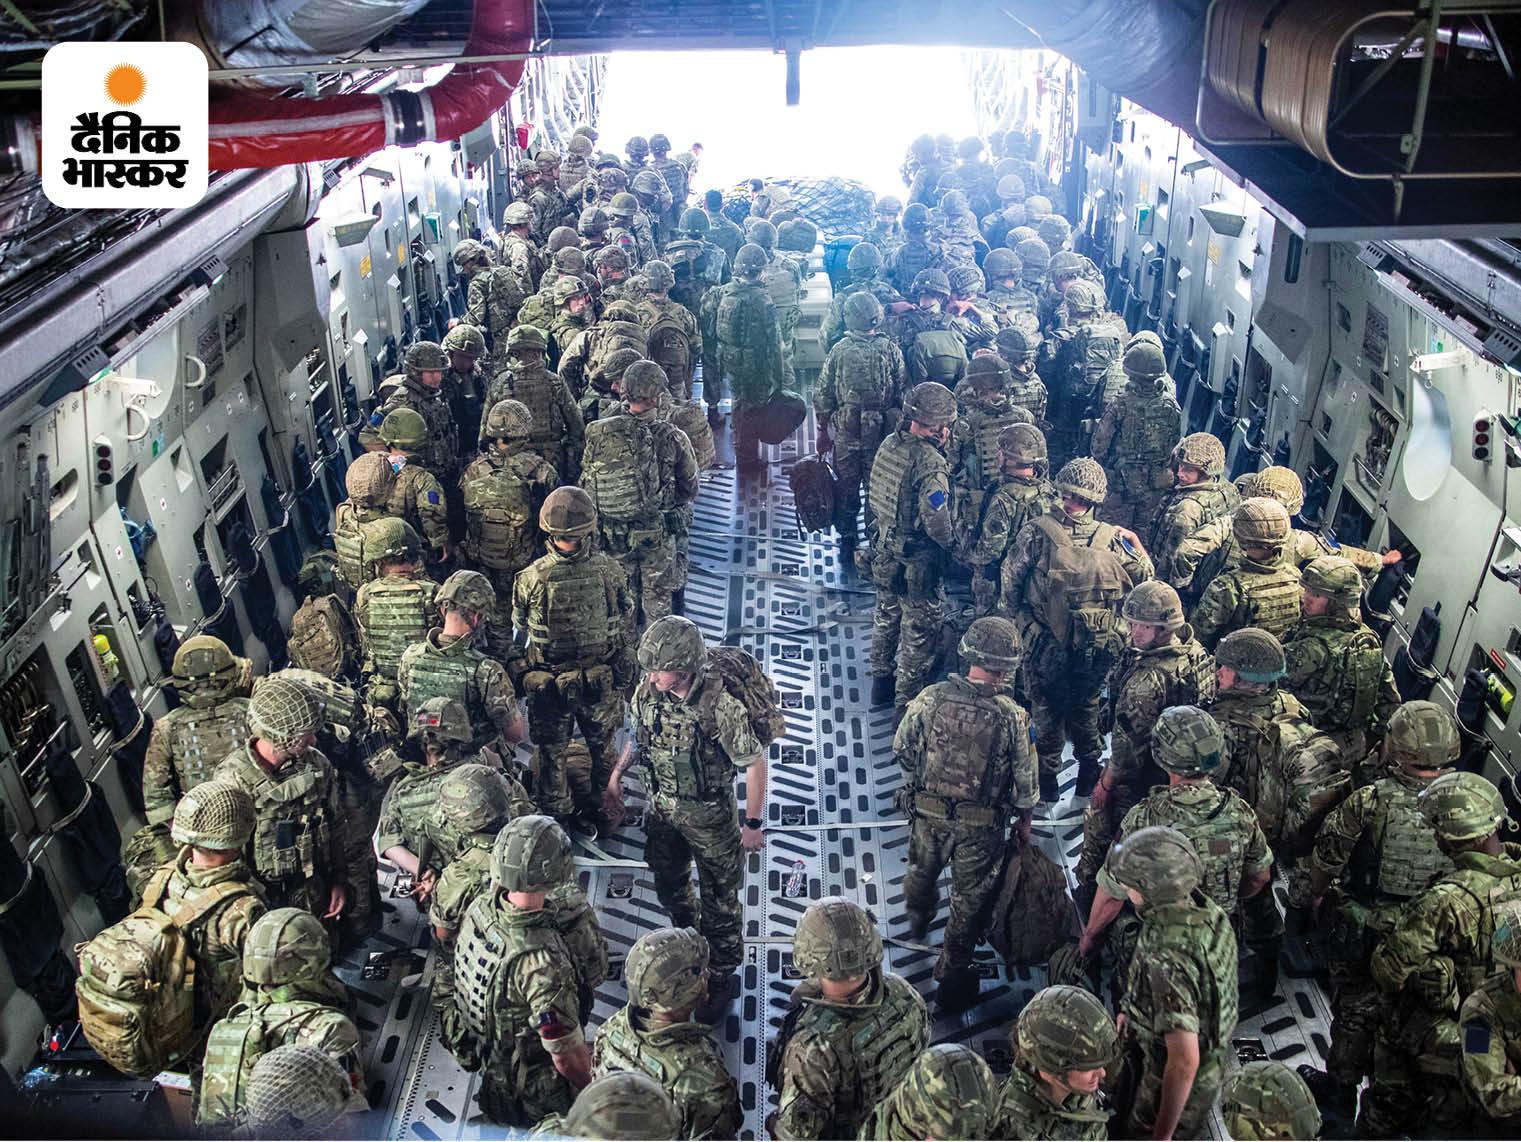 ब्रिटिश सेना की 16वीं एयर असॉल्ट ब्रिग्रेड के सैनिक 15 अगस्त को काबुल पहुंचे। वे यहां से युद्धस्तर पर अपने नागरिकों को निकालने का काम कर रहे हैं।